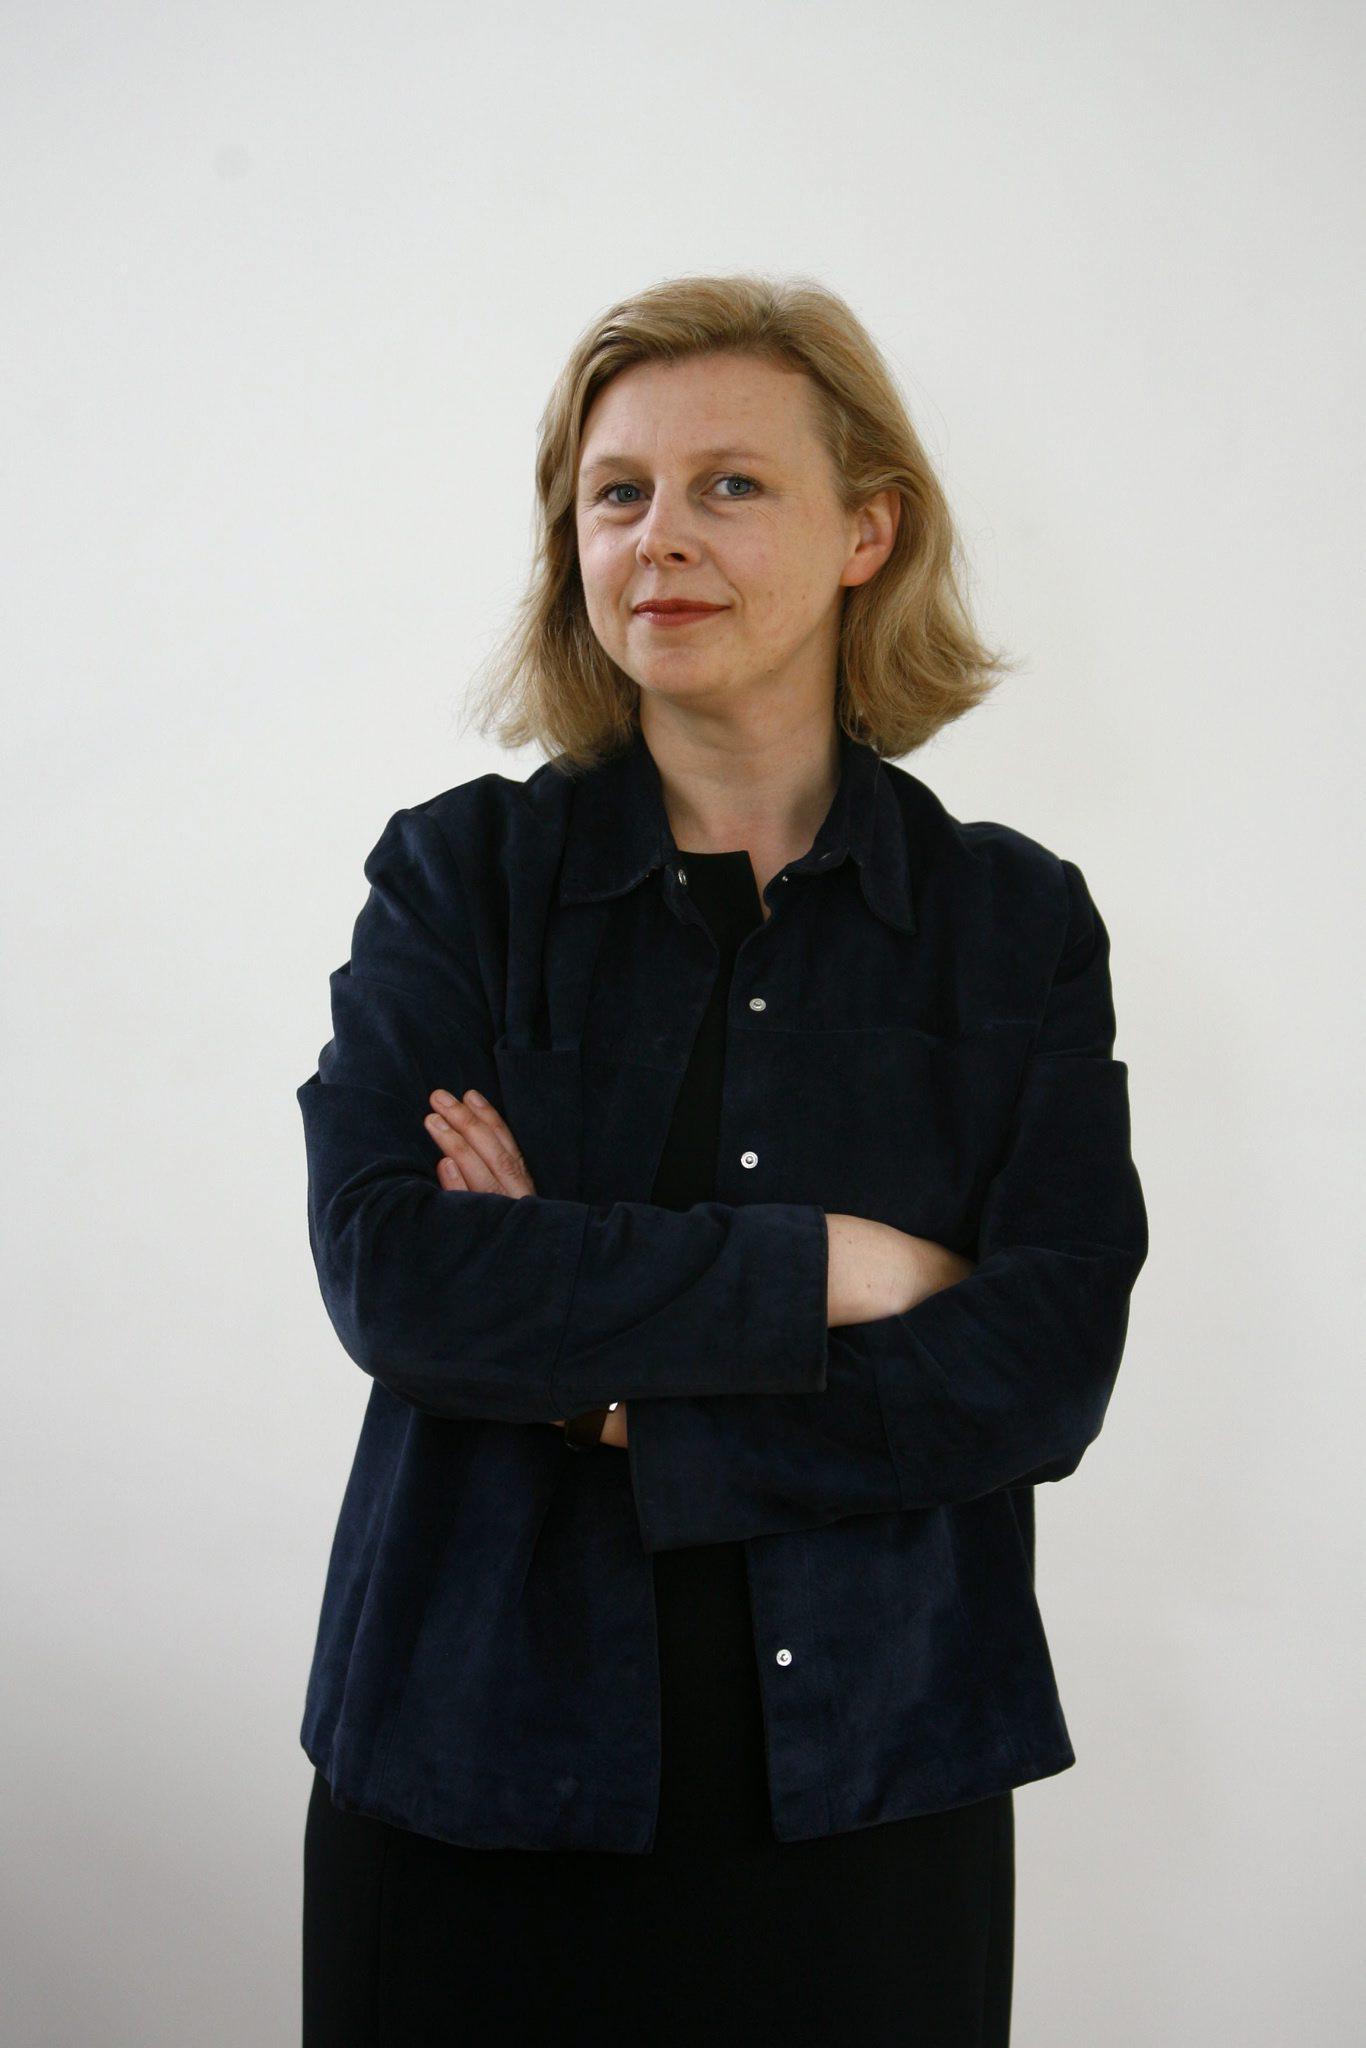 Alison Rowat: El portavoz tiene razón, la conversación política debe ser más amable